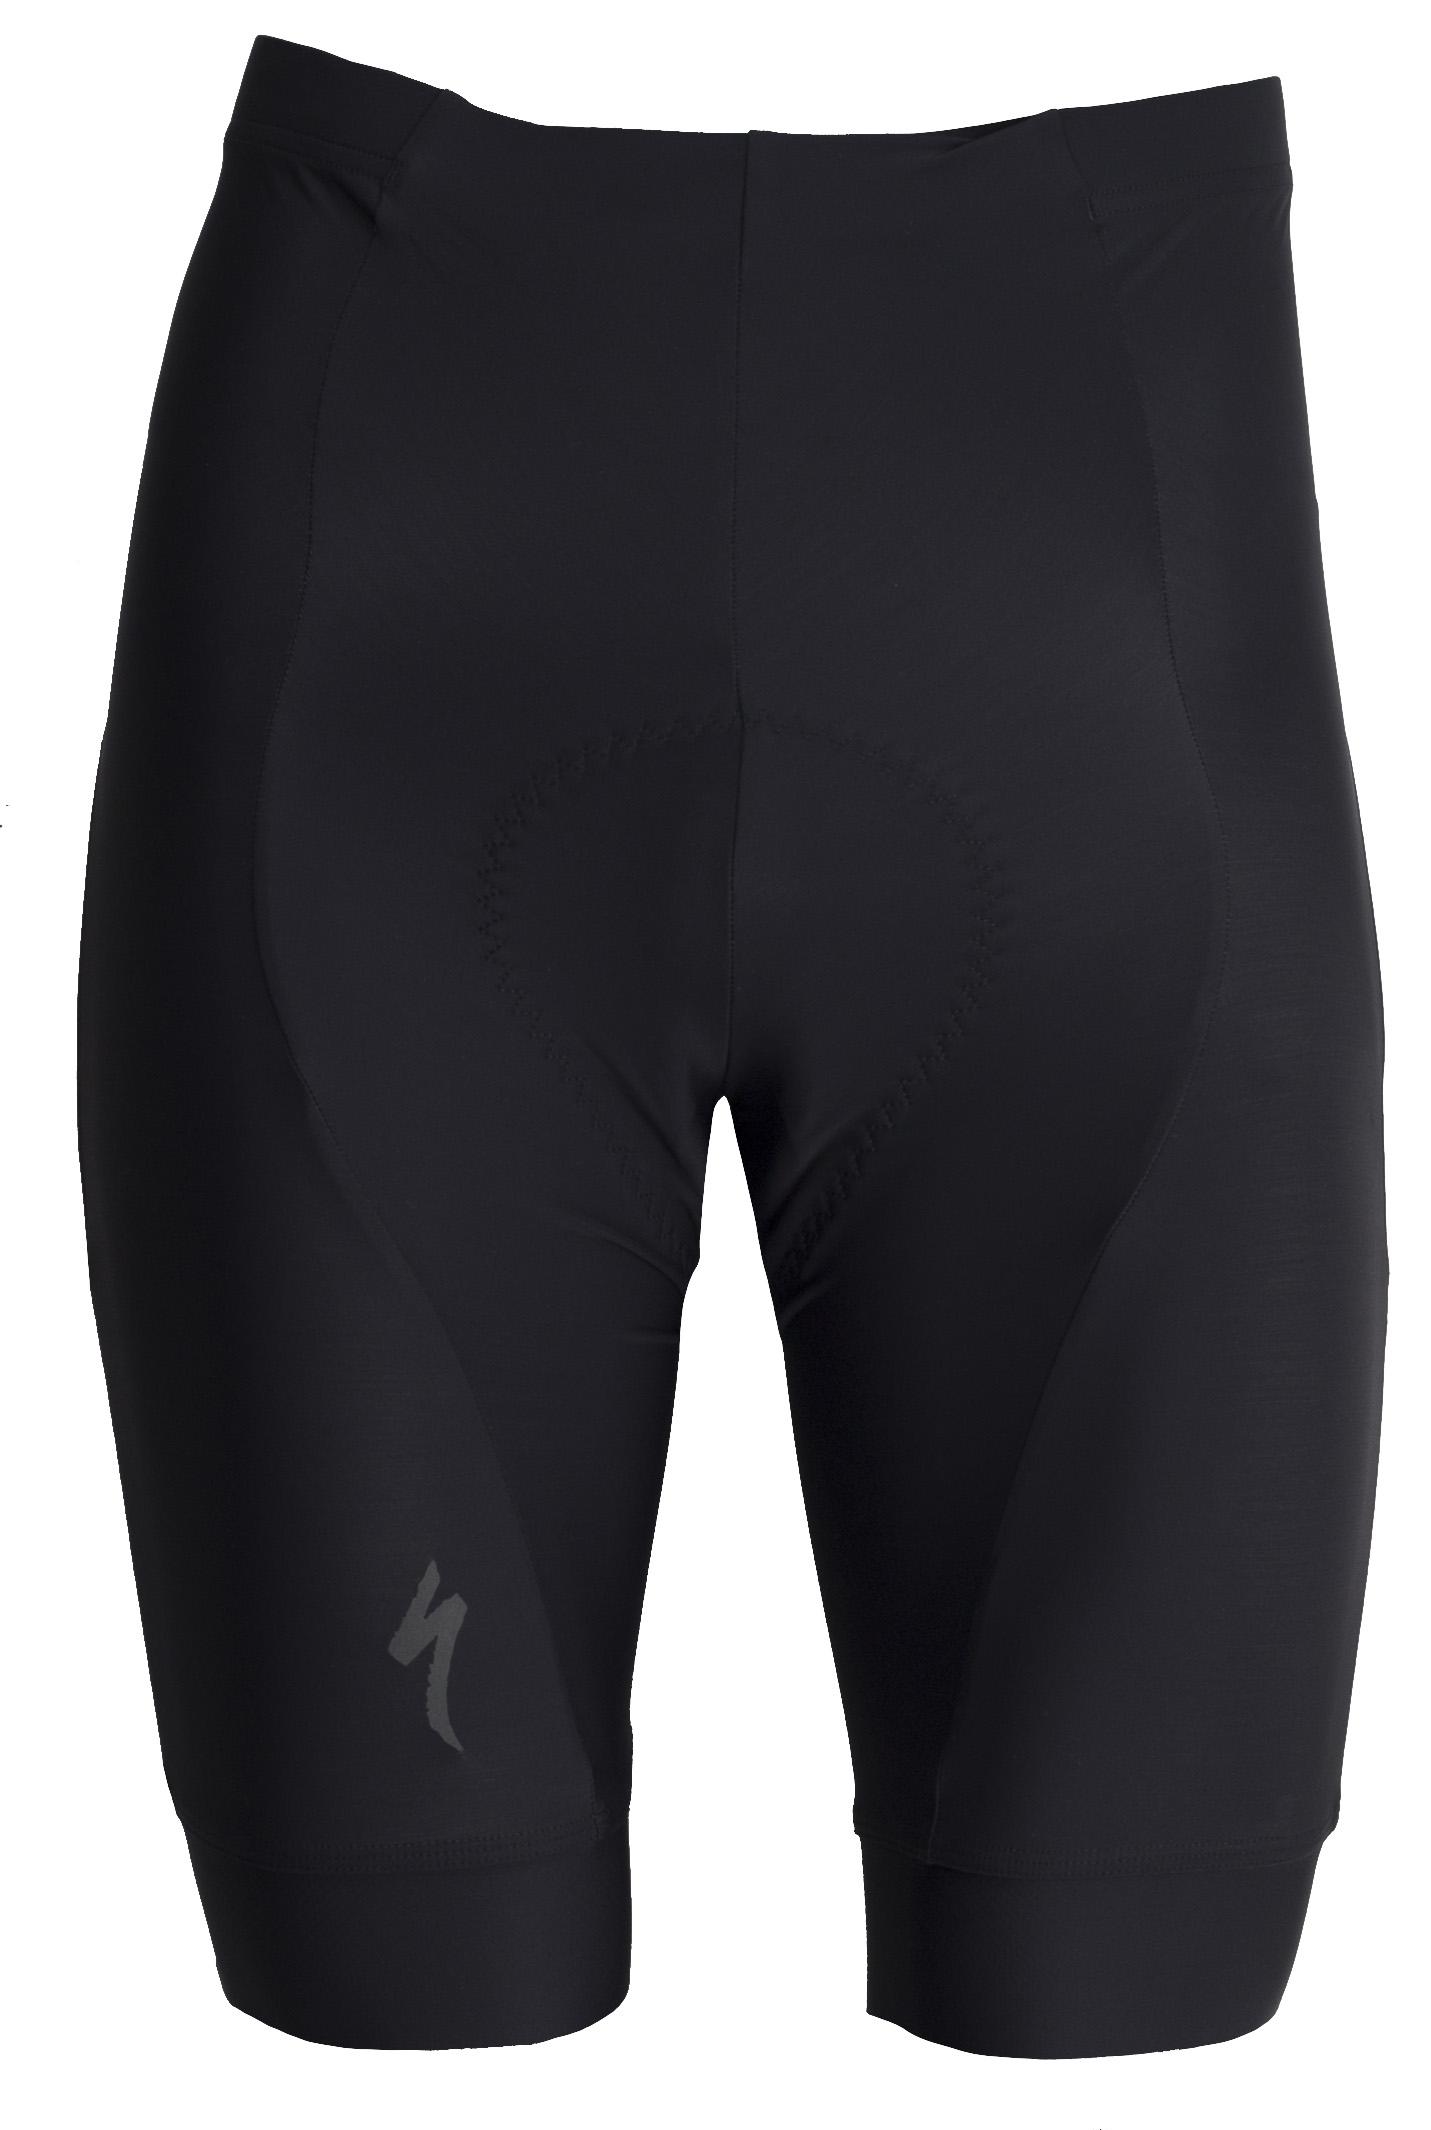 Löffler Mens Radhose radtight Braces Pants Bike Bib Shorts Winner II Black